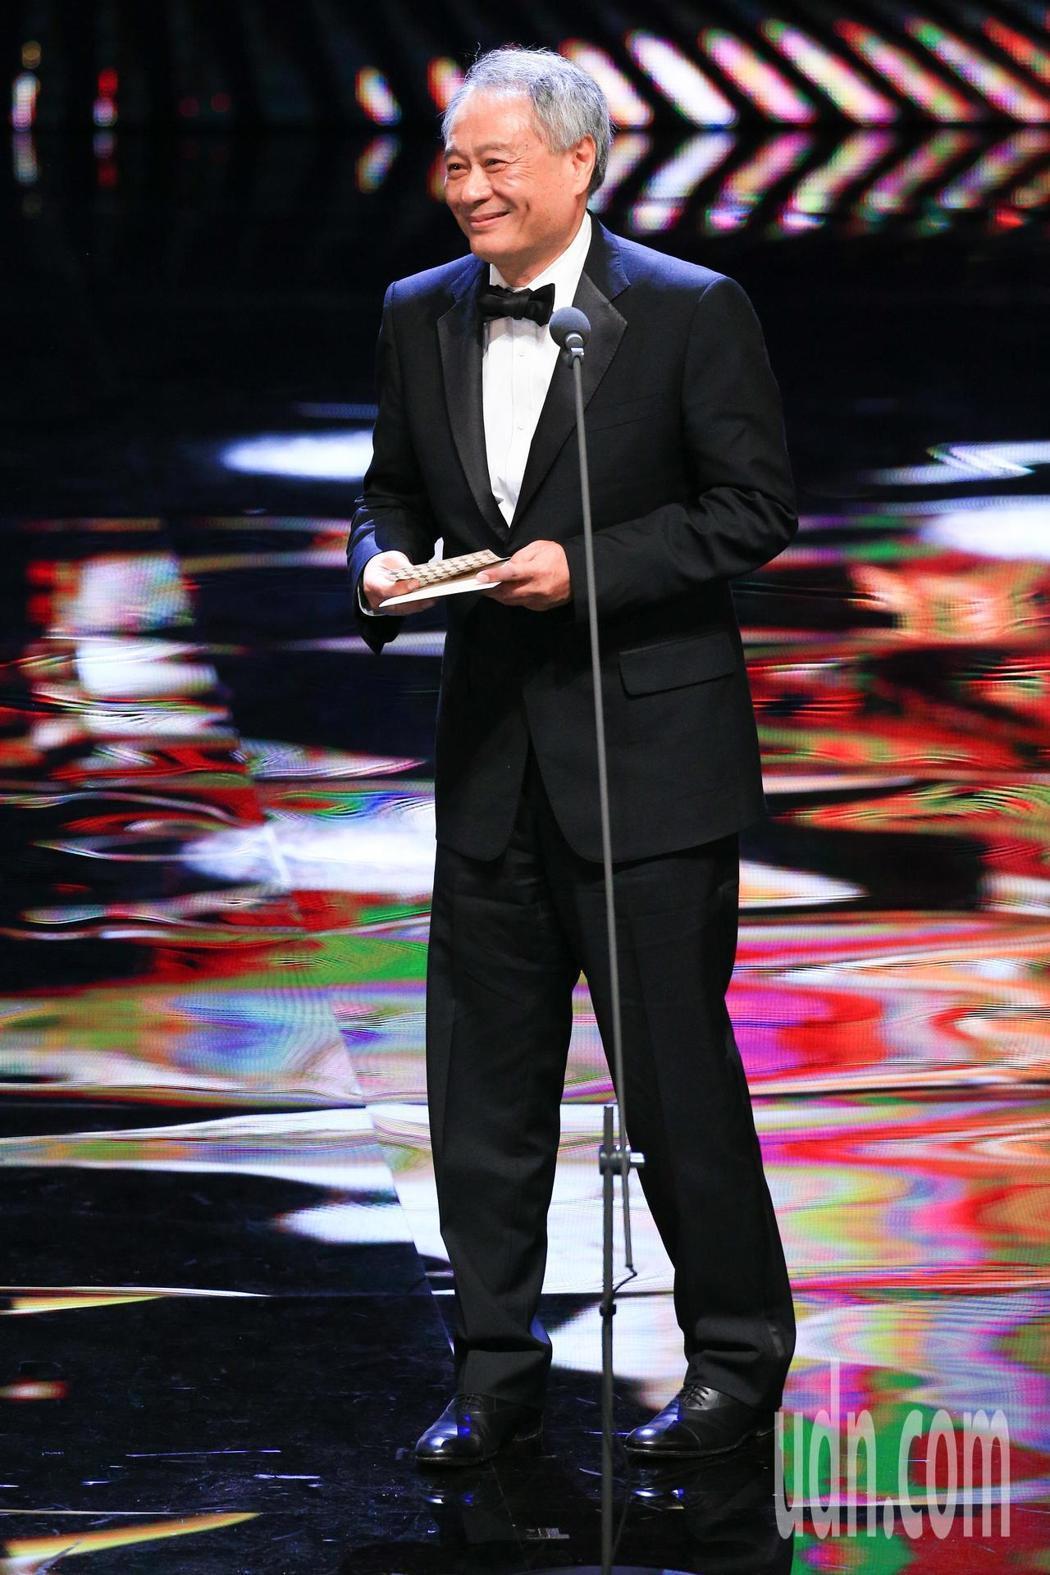 第55屆金馬獎頒獎典禮,頒獎人李安。記者林伯東/攝影